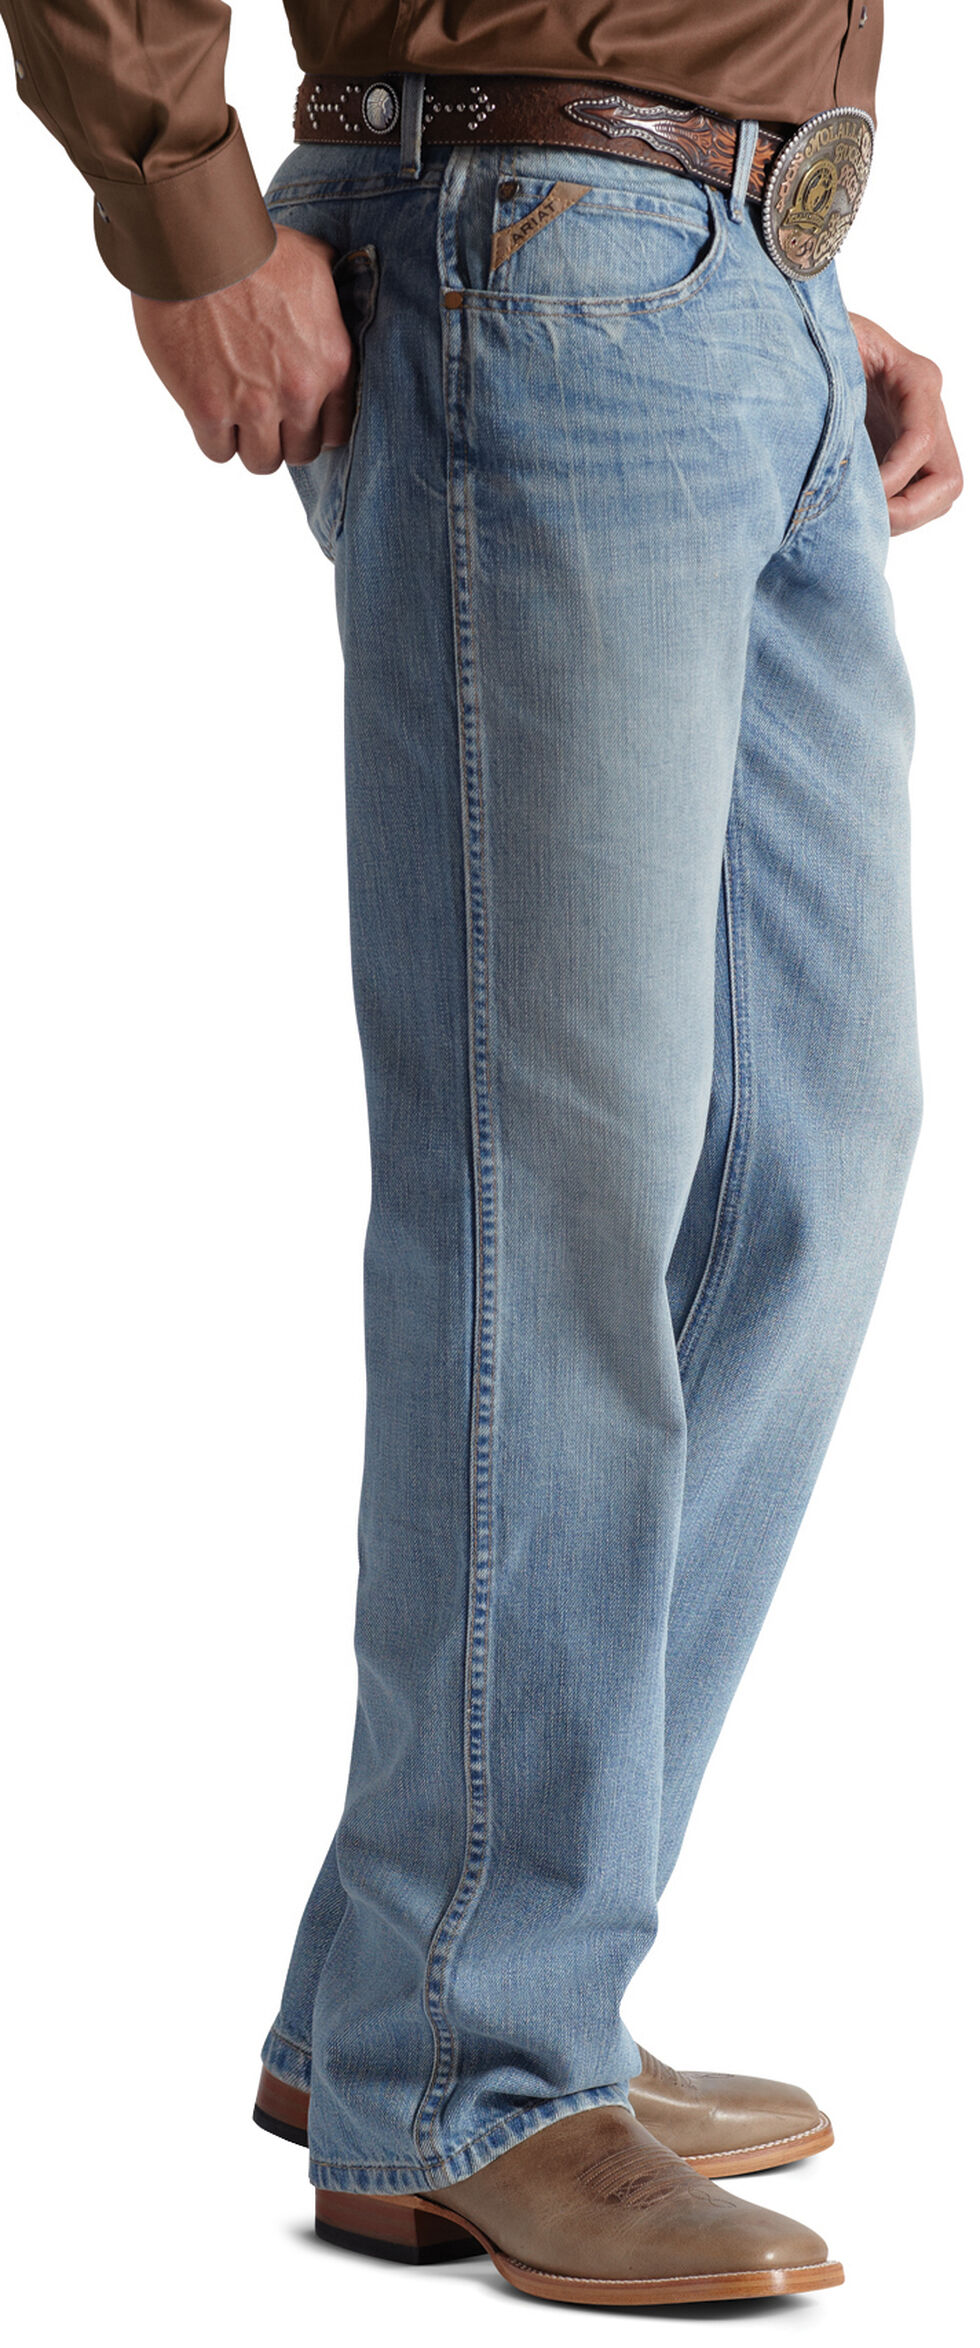 Ariat Denim Jeans - M3 Quicksilver Loose Fit, Denim, hi-res